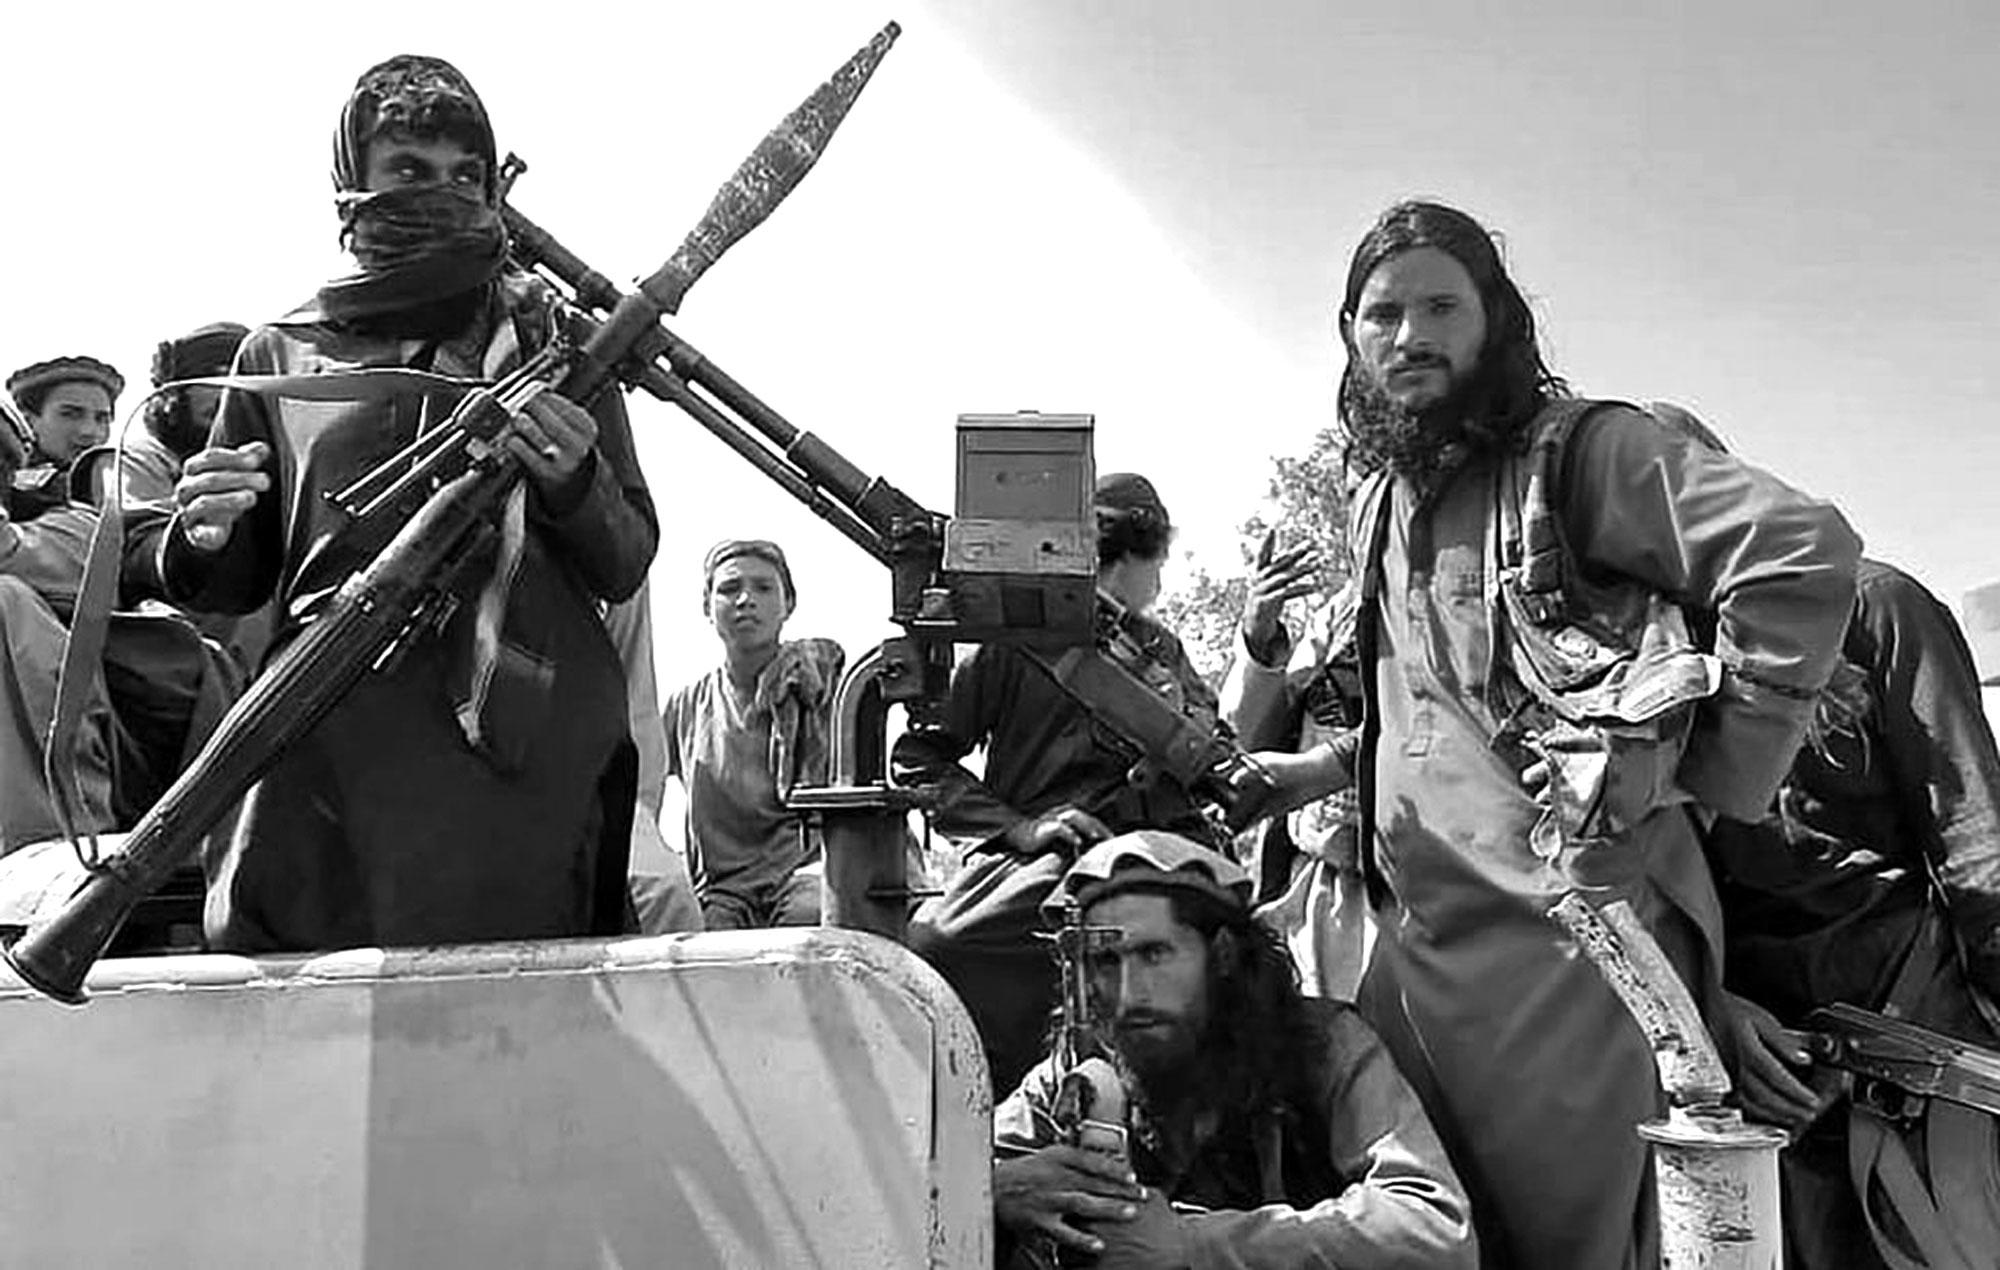 আফগানে তালেবান এবং বাংলাদেশে তার প্রভাব